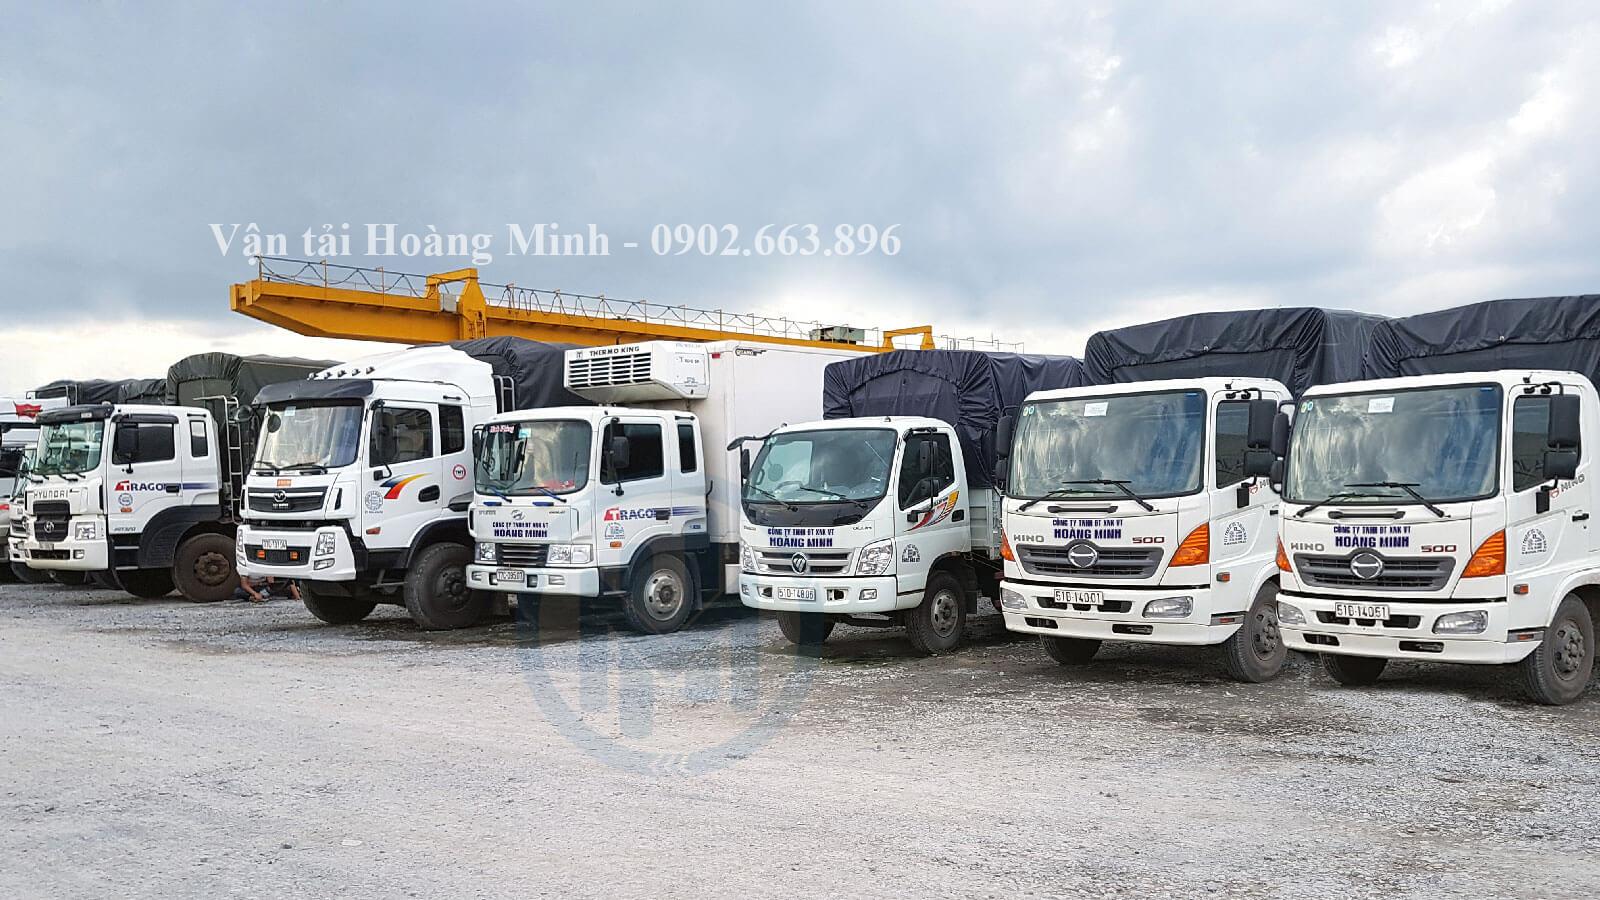 Vận tải Hoàng Minh cung cấp những loại xe tải vận chuyển nào